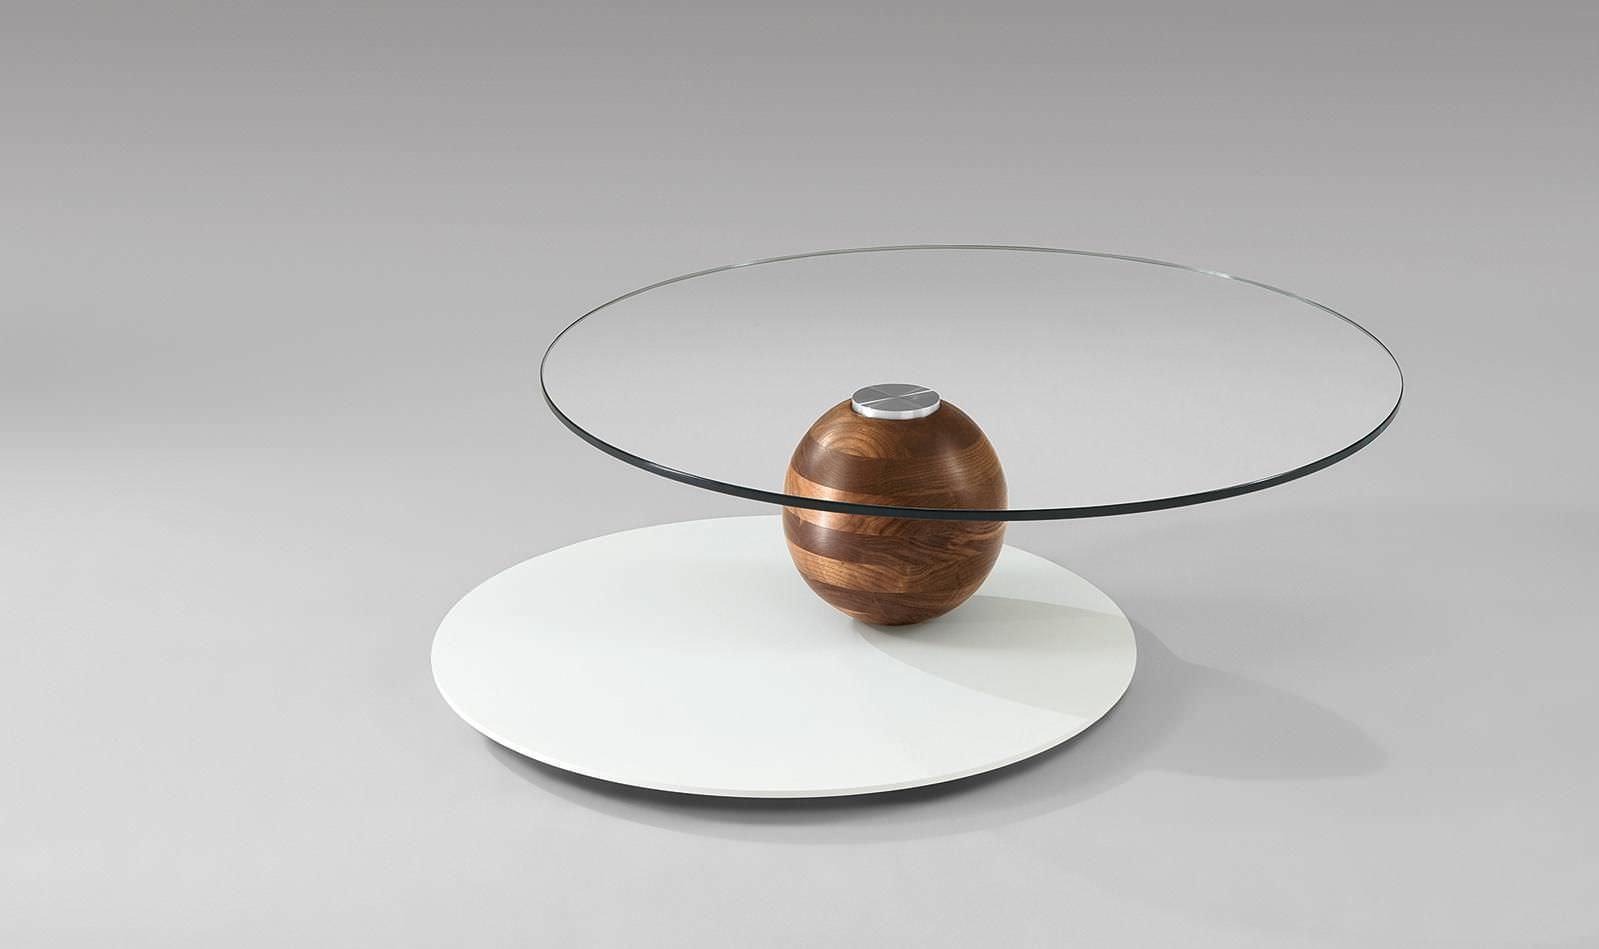 Couchtisch glas holz nussbaum  Moderner Couchtisch / Holz / Glas / rund - 4317 - Alfons Venjakob ...